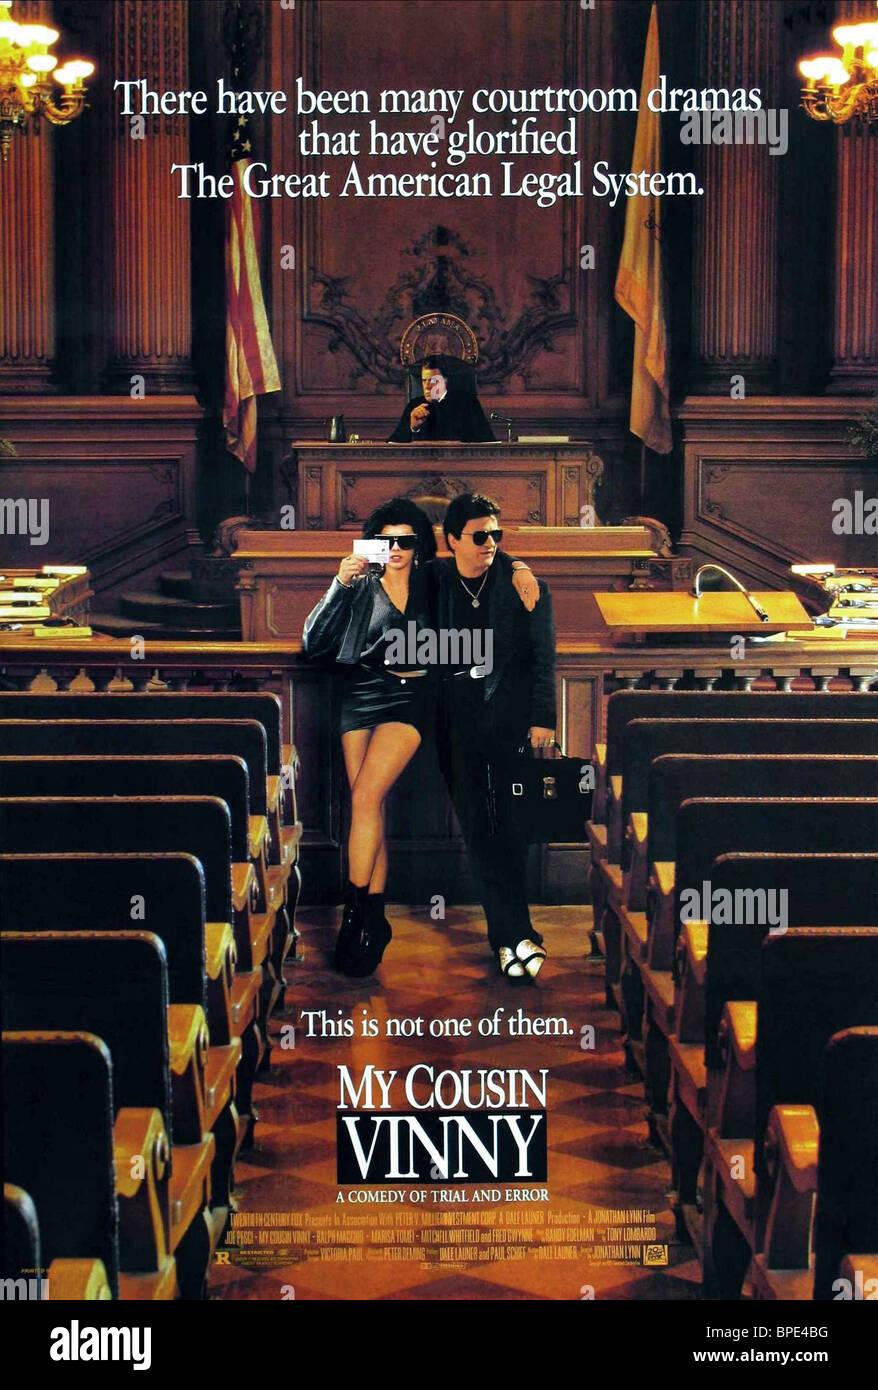 MARISA TOMEI, JOE PESCI POSTER, MY COUSIN VINNY, 1992 - Stock Image